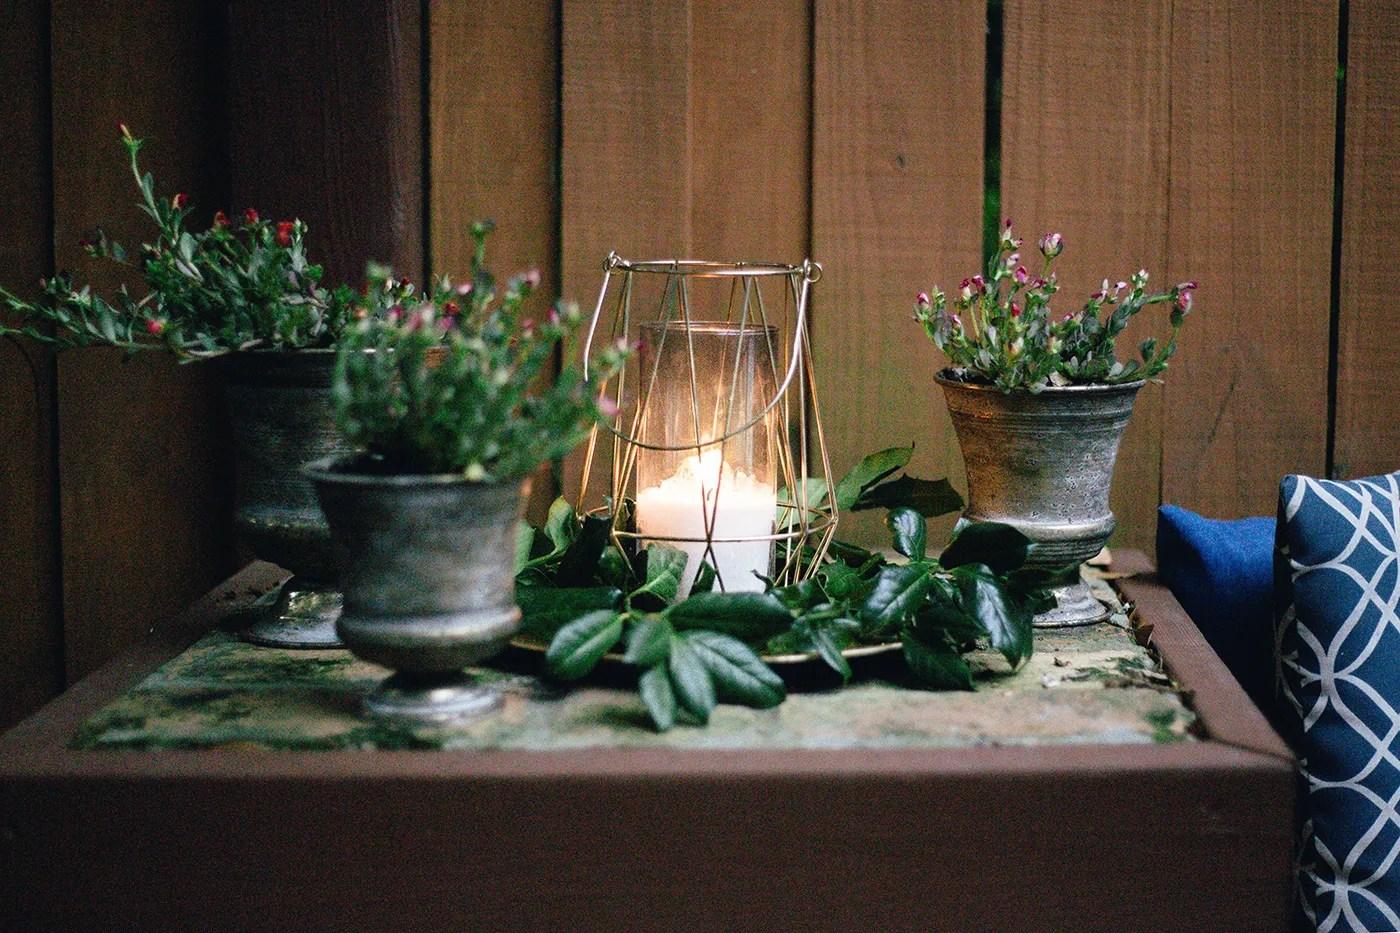 Rimedi naturali contro le zanzare in giardino palazzetti - Rimedi contro le zanzare in giardino ...